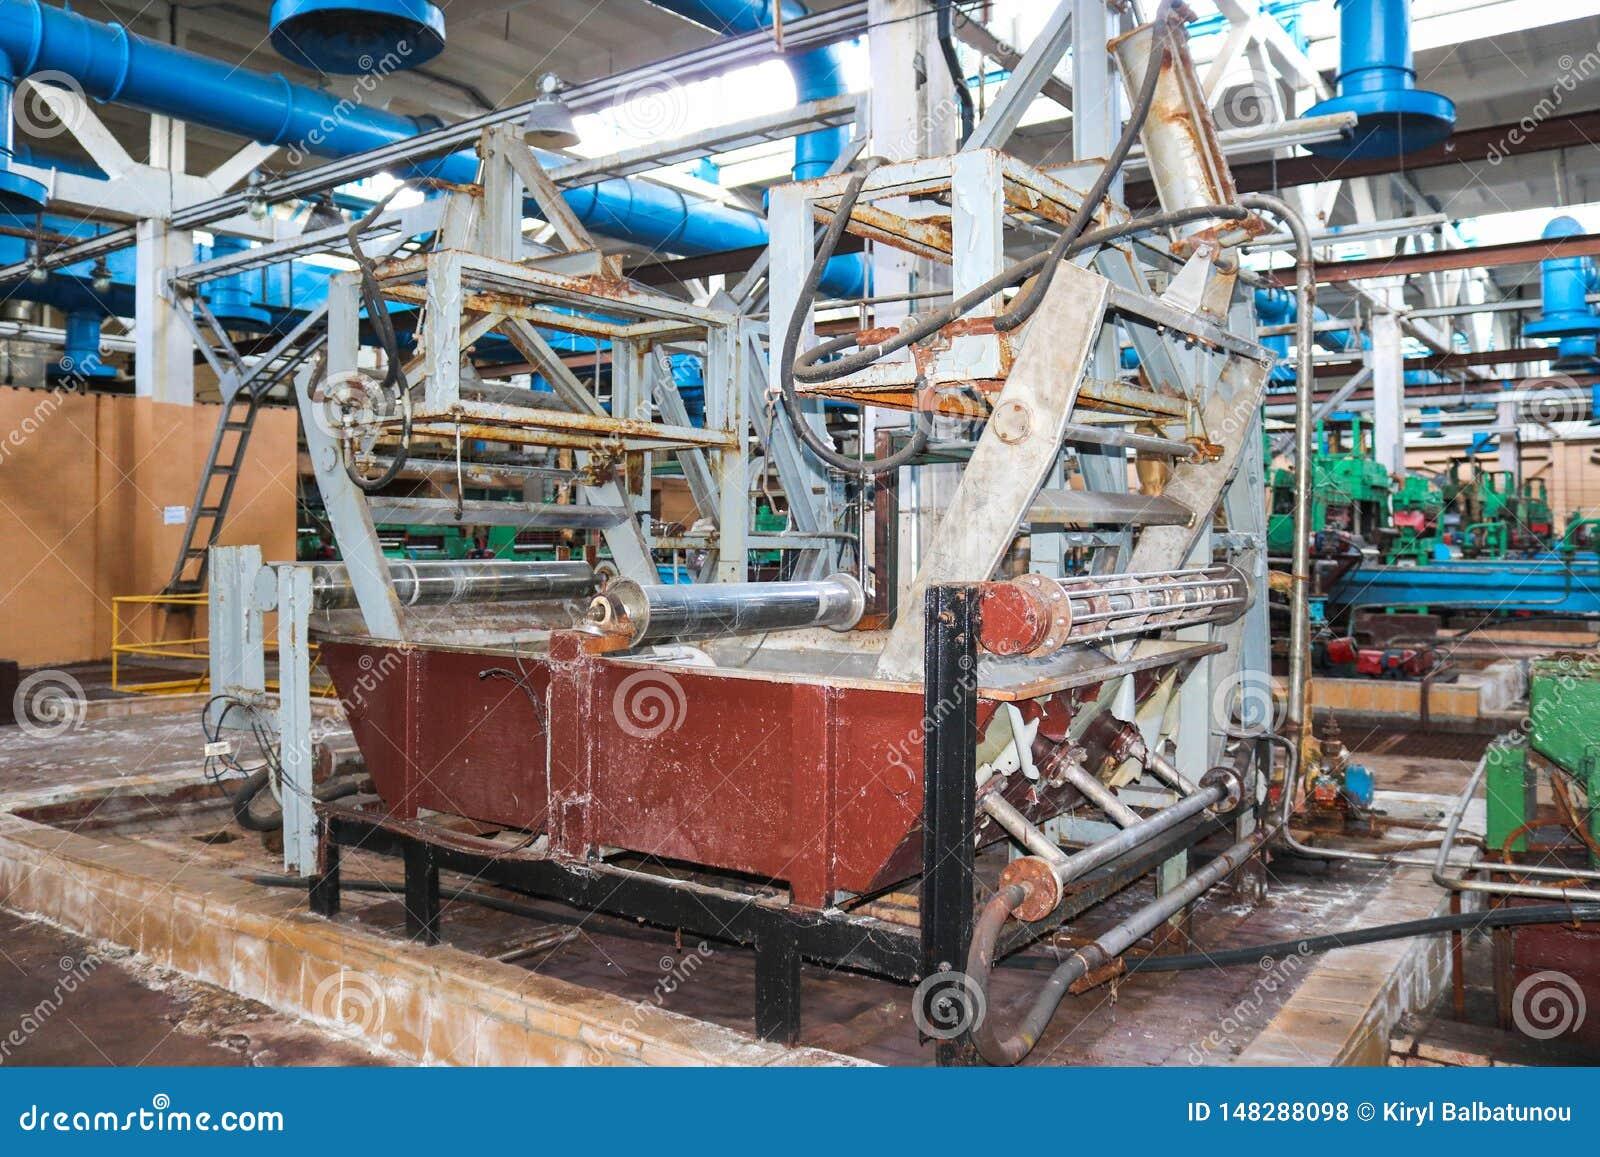 金属化生产部门的工业强有力的设备在建造机器的石油精炼,石油化学,化工